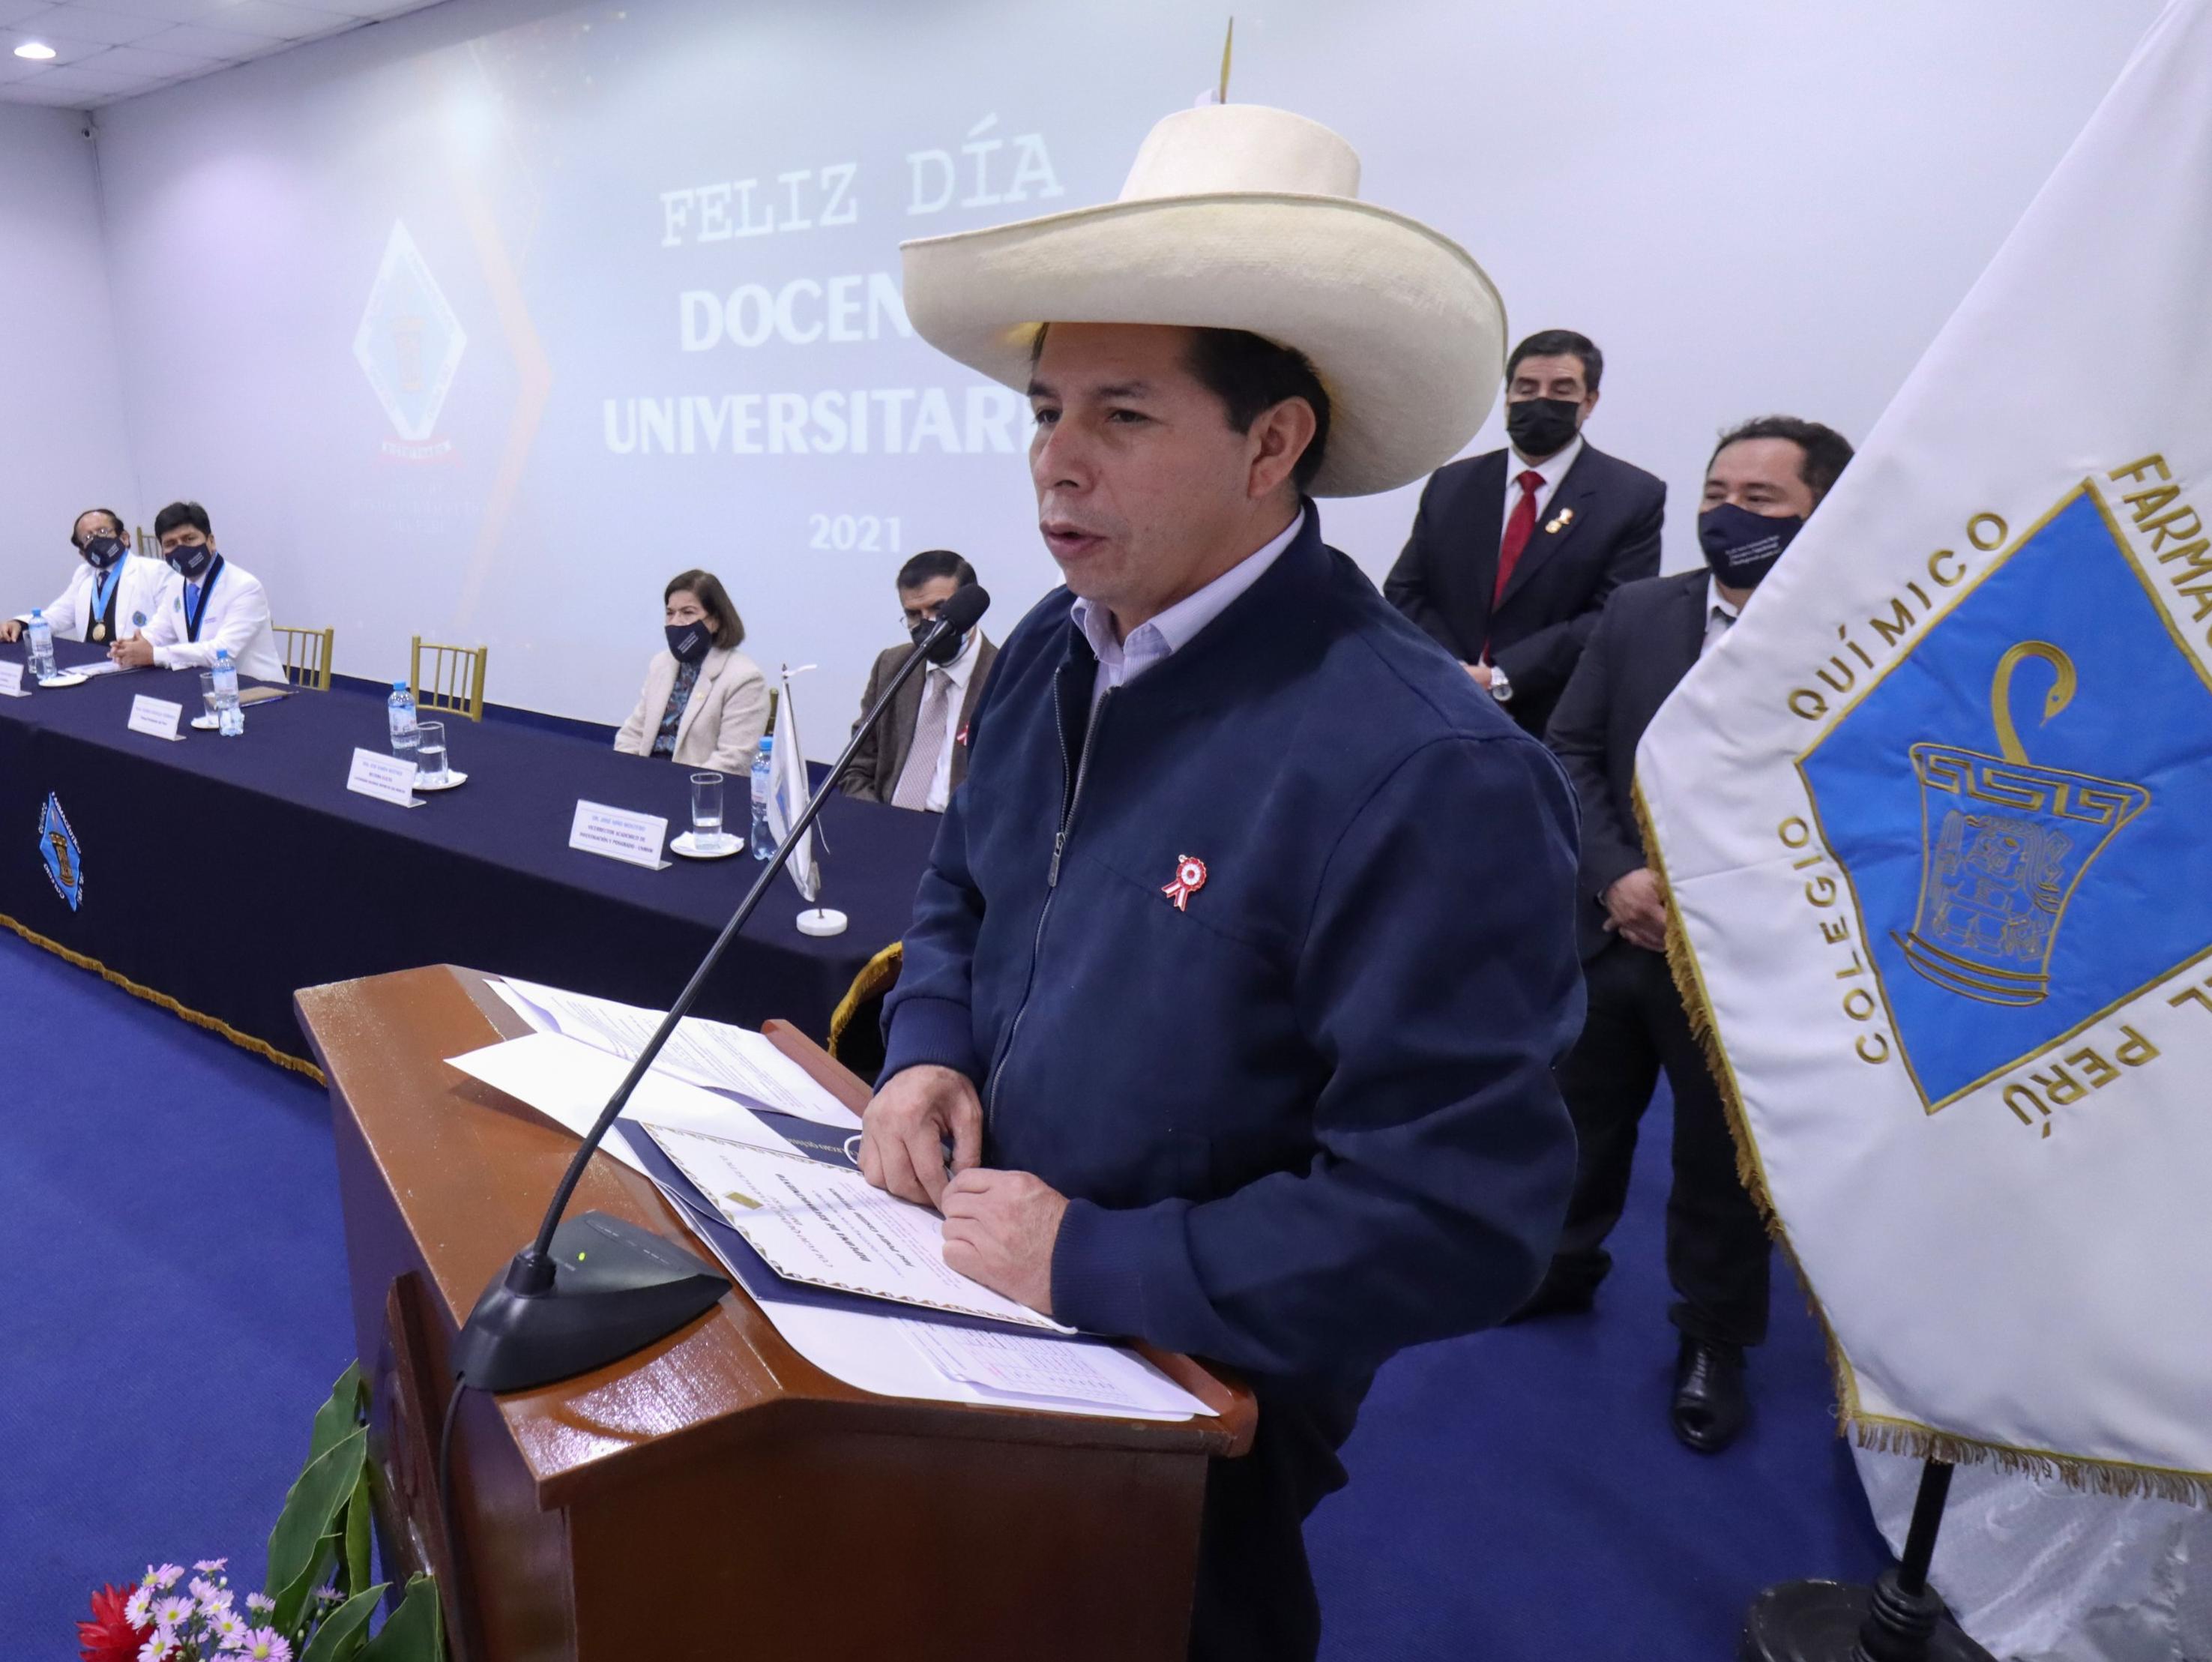 Pedro Castillo assume a presidência nos próximos dias após mais de um mês de incerteza com relação ao resultado da eleição.